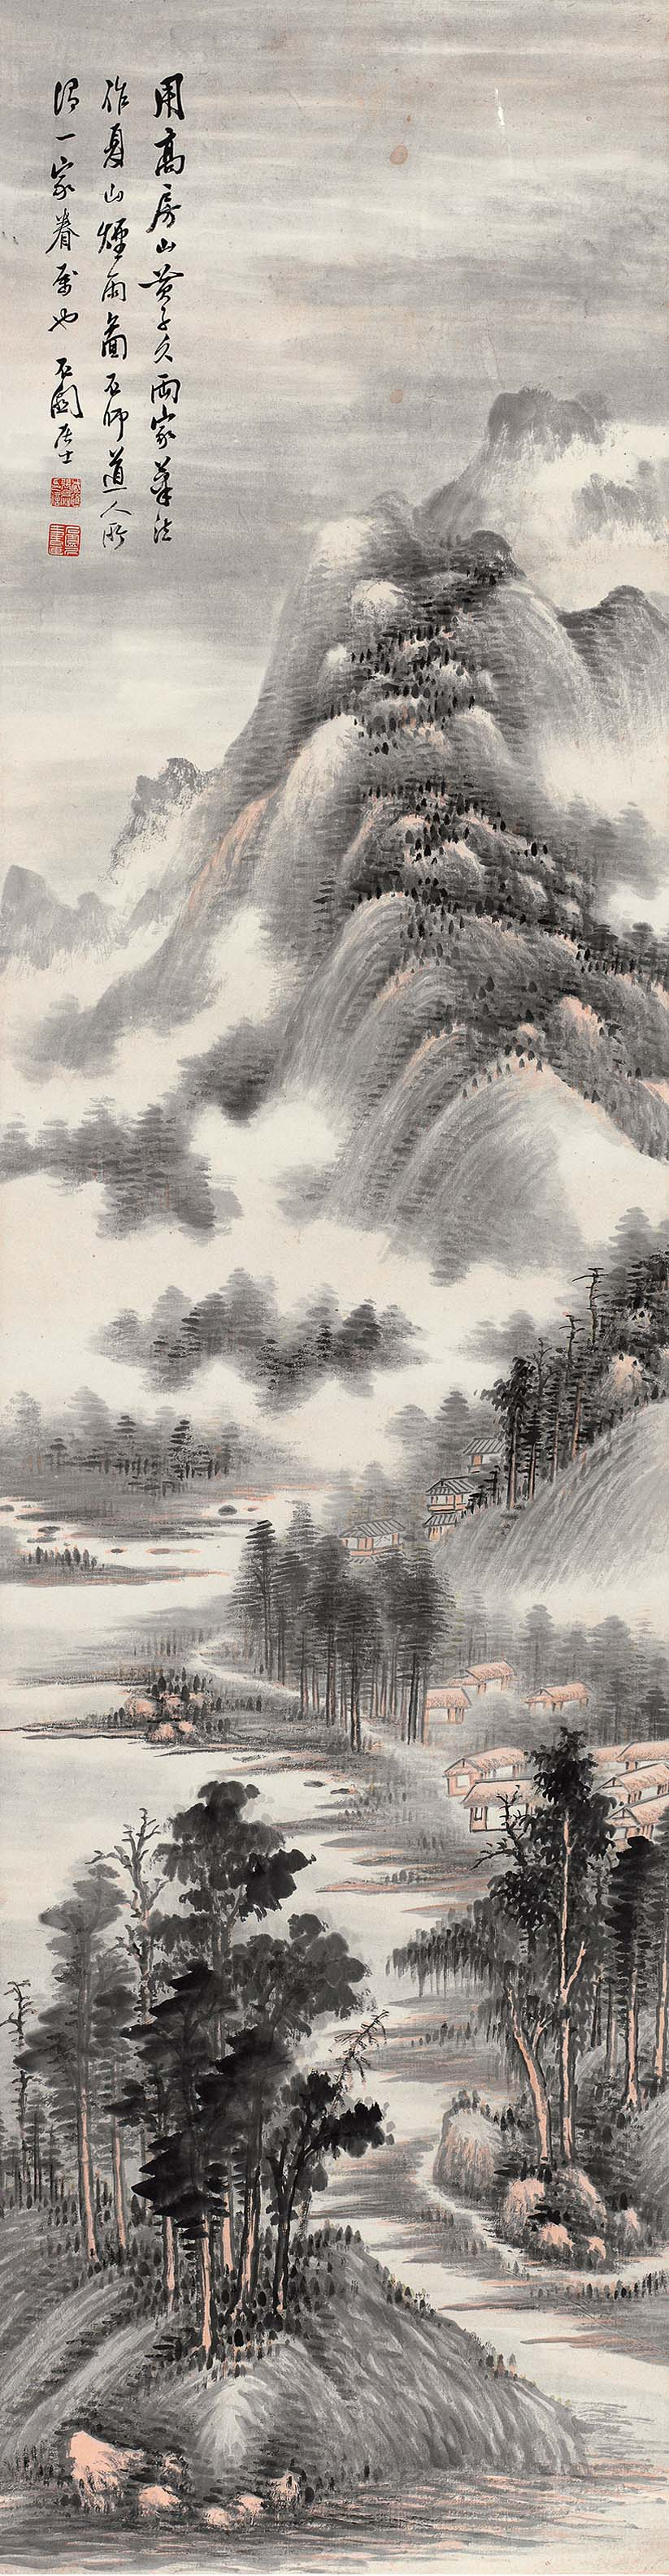 夏山烟雨图